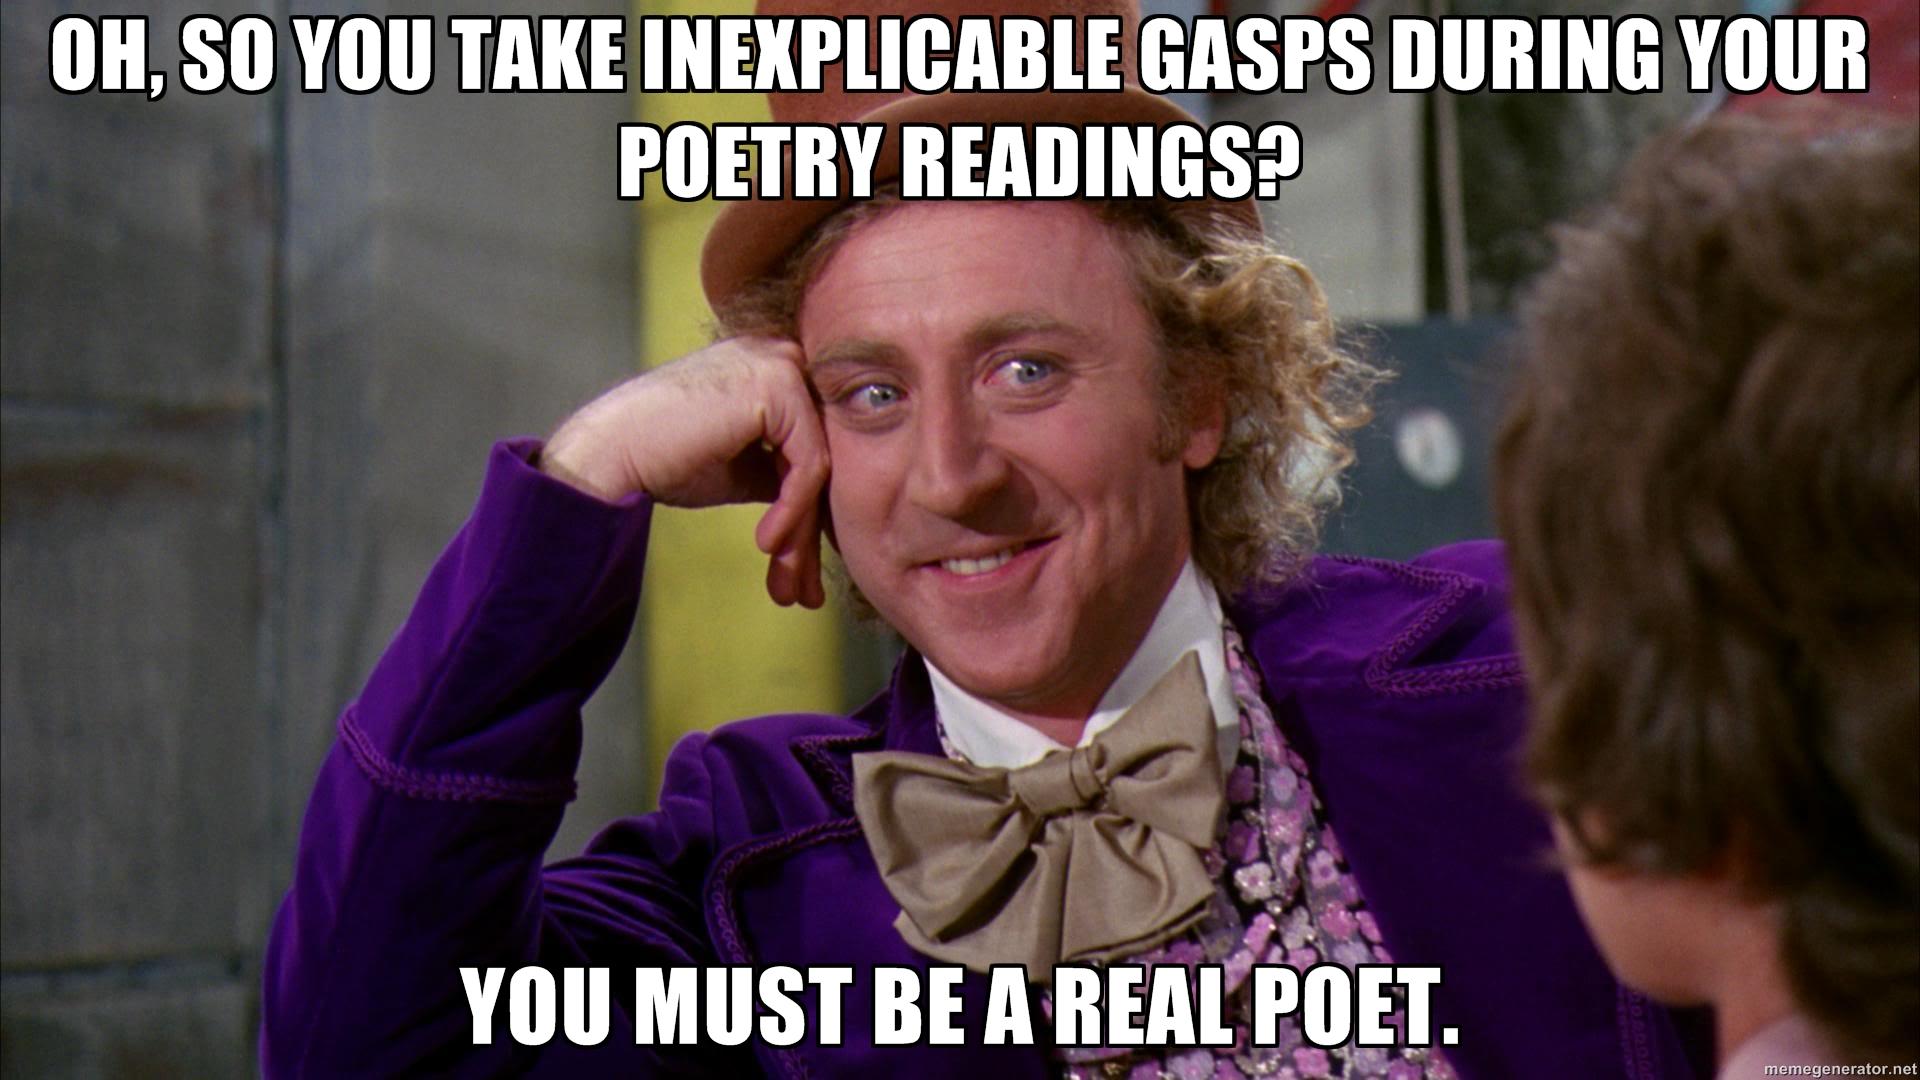 gasping-poet-meme-sound-lit-mag